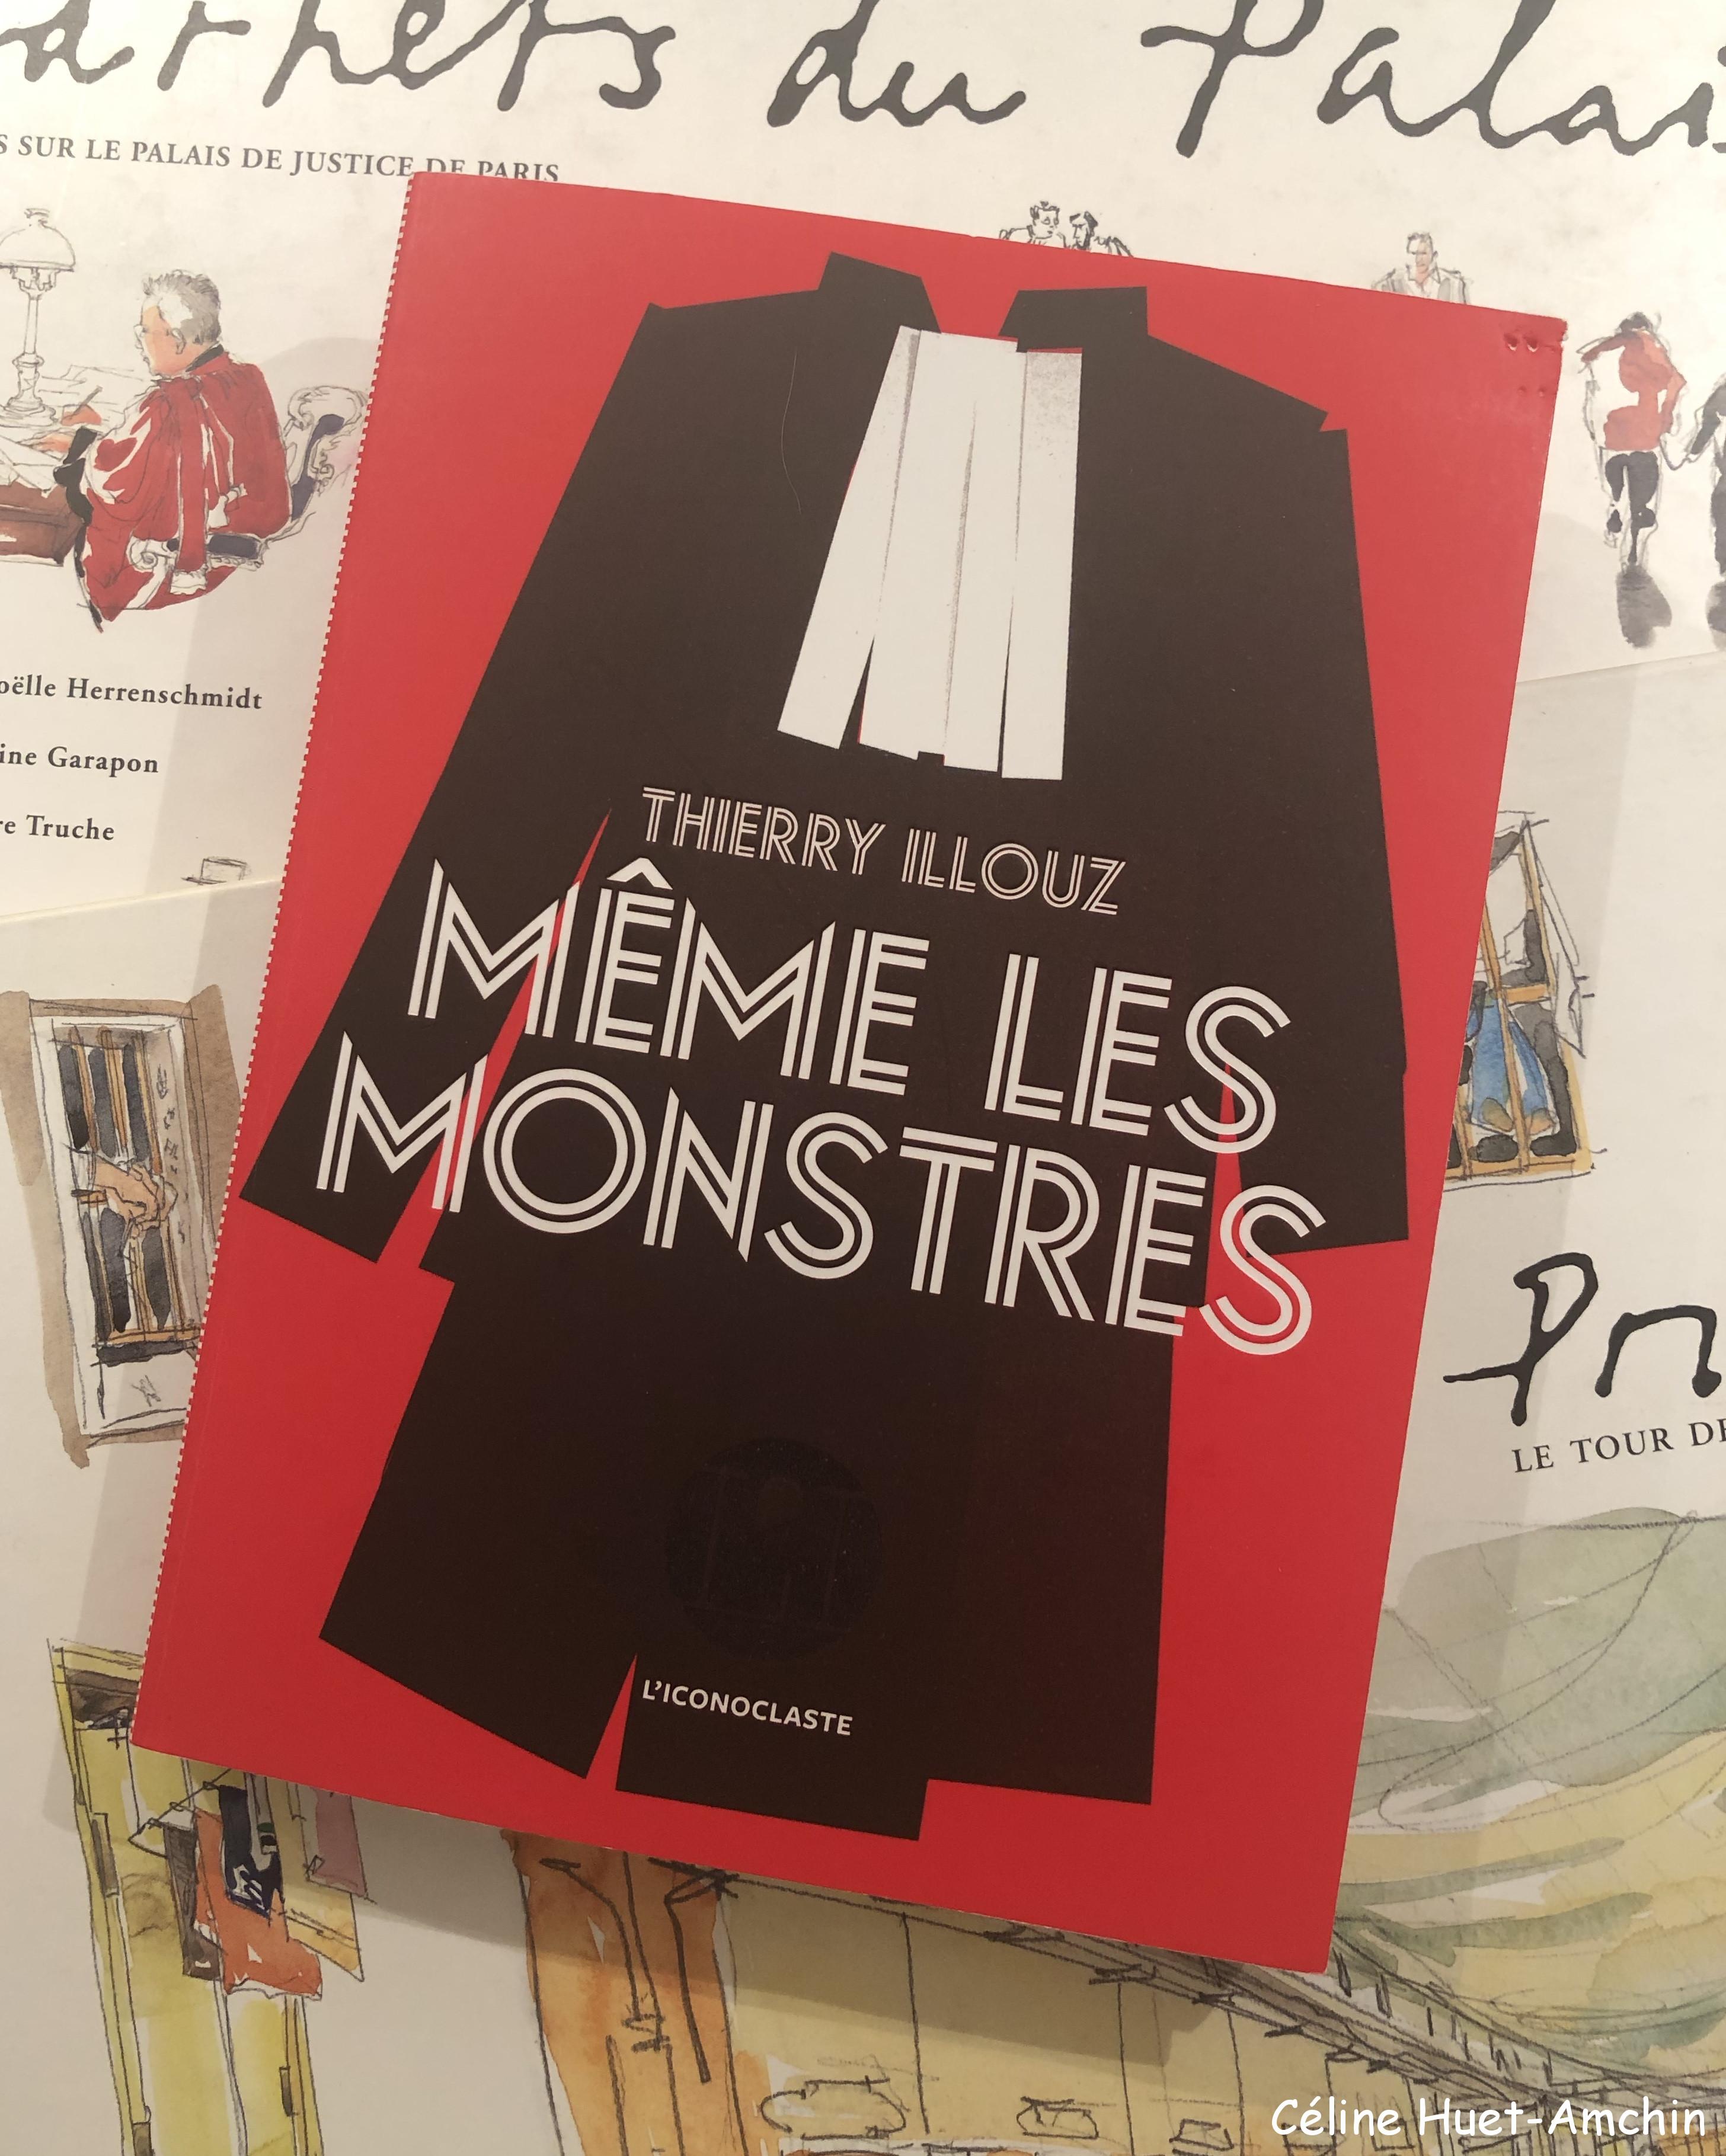 Même les monstres Thierry Illouz Editions L'Iconoclaste